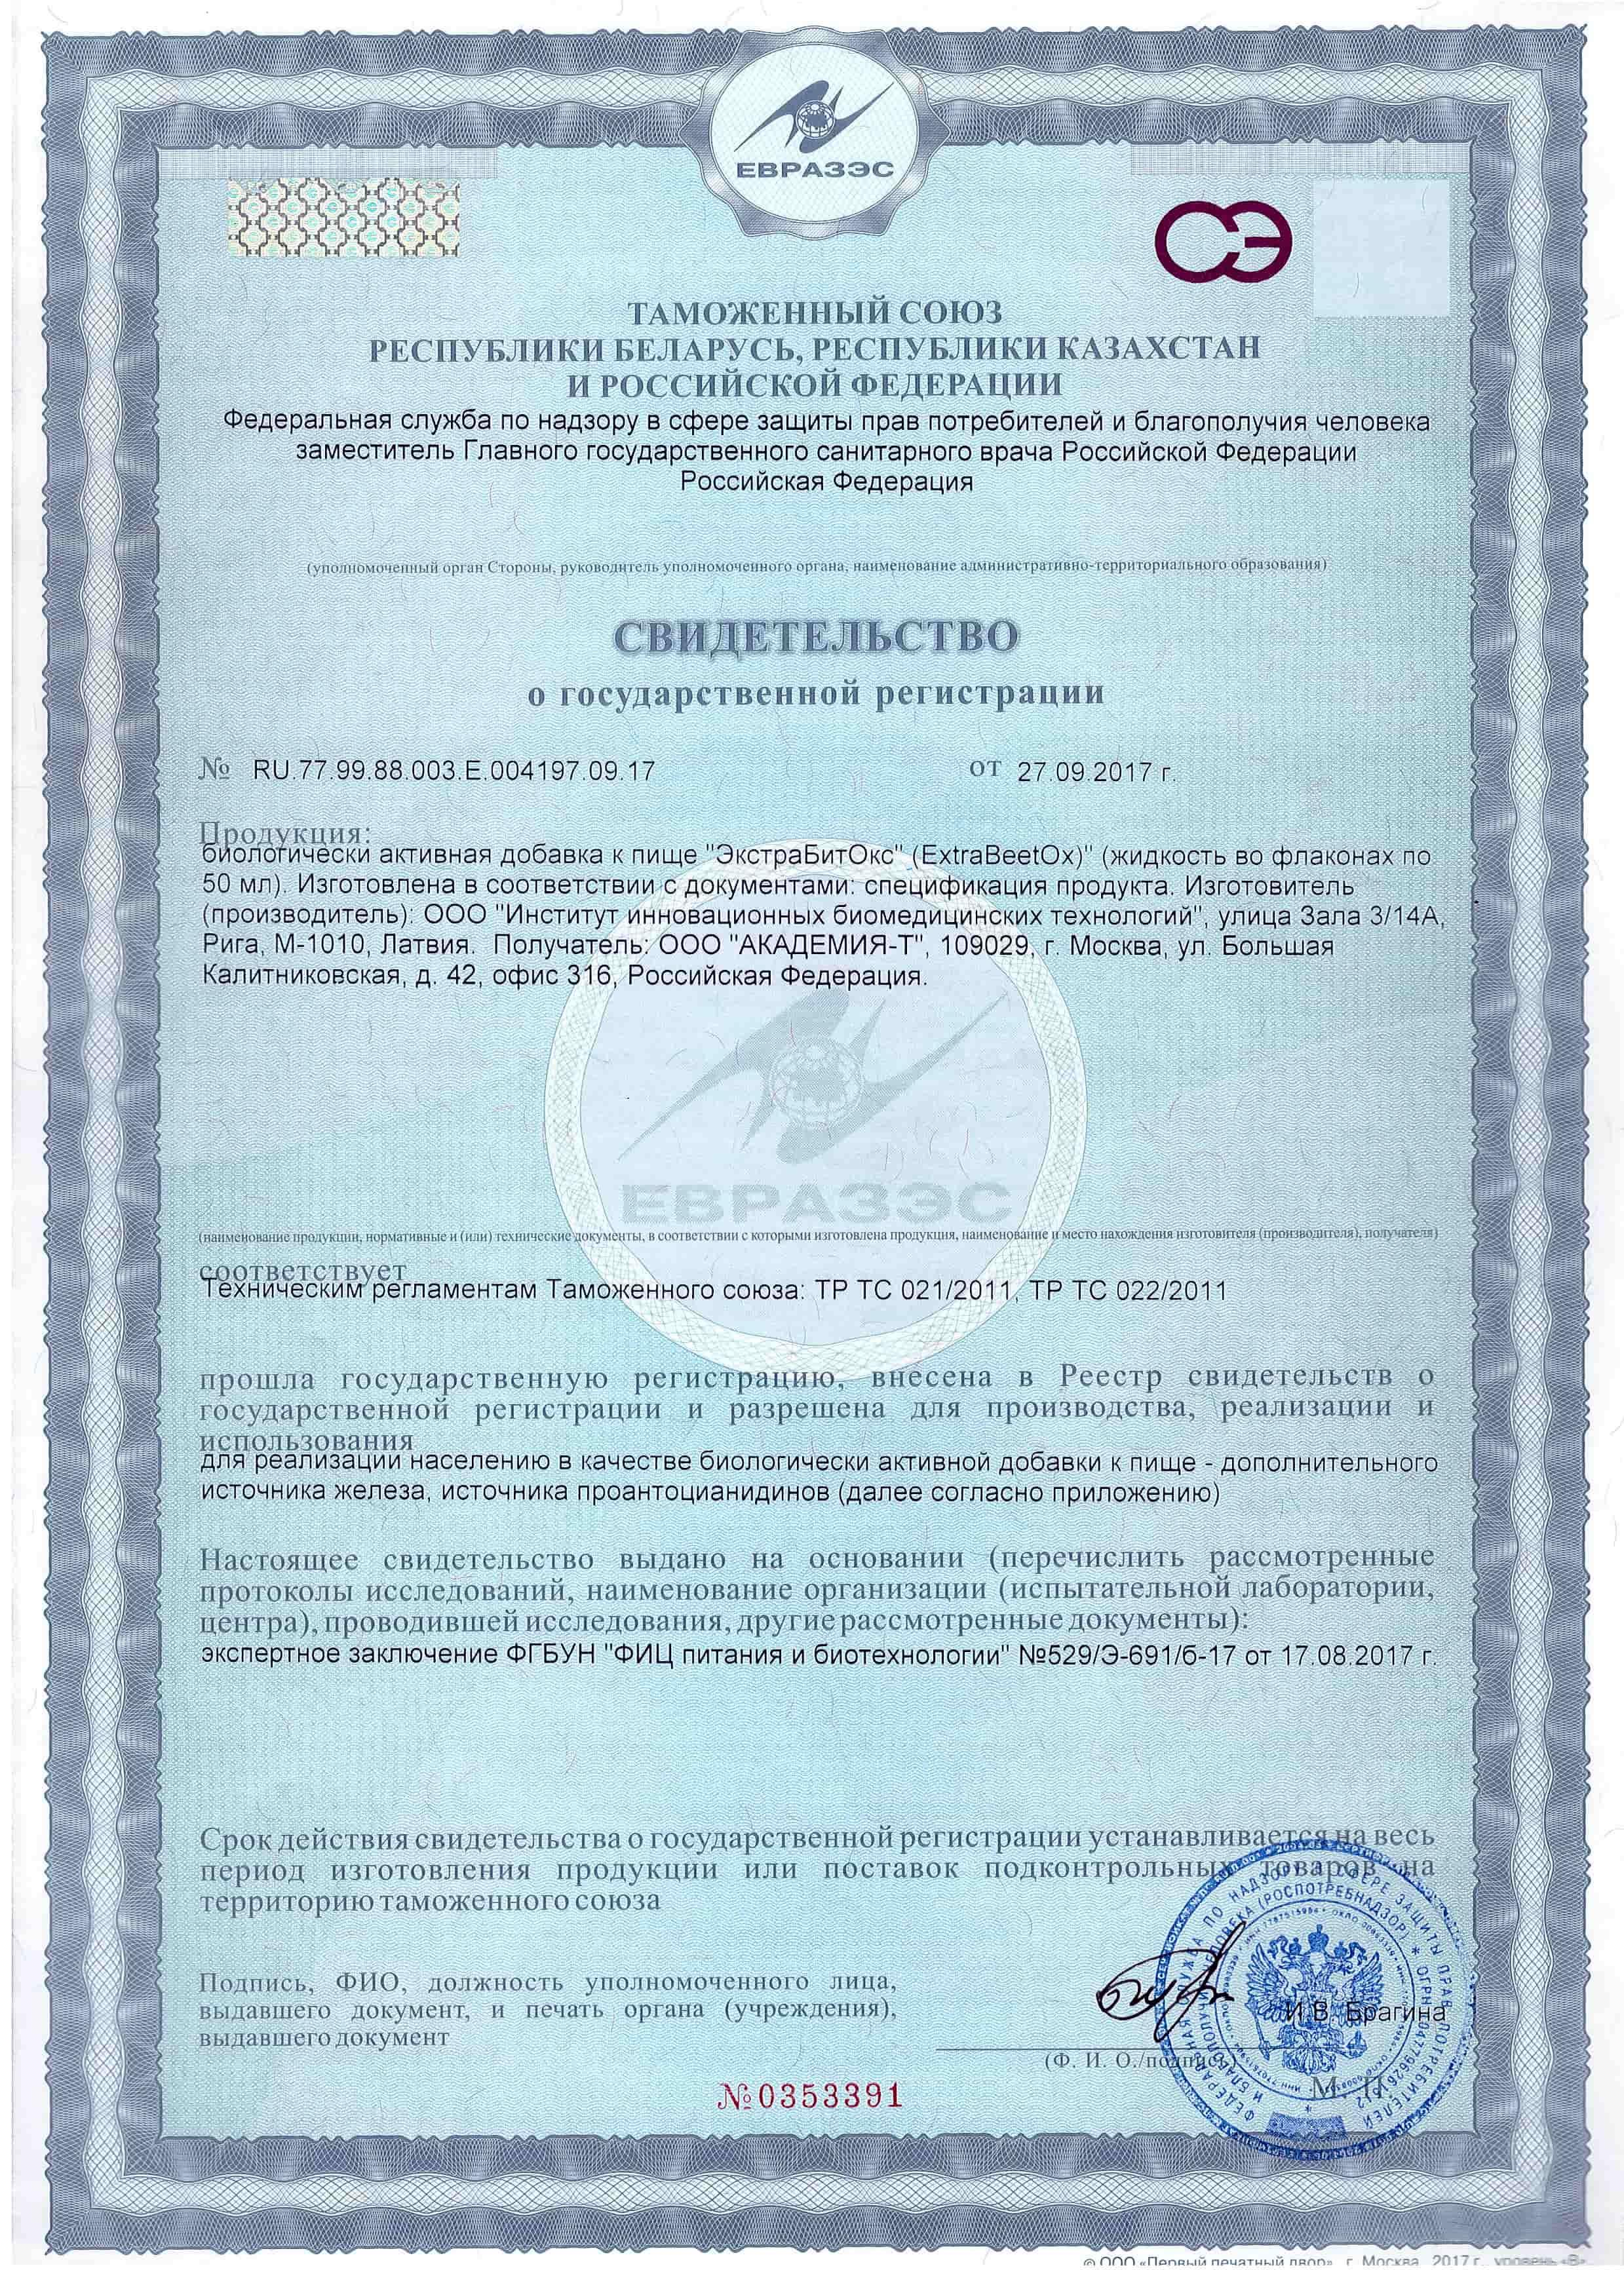 Сертификат ExtraBeetOx